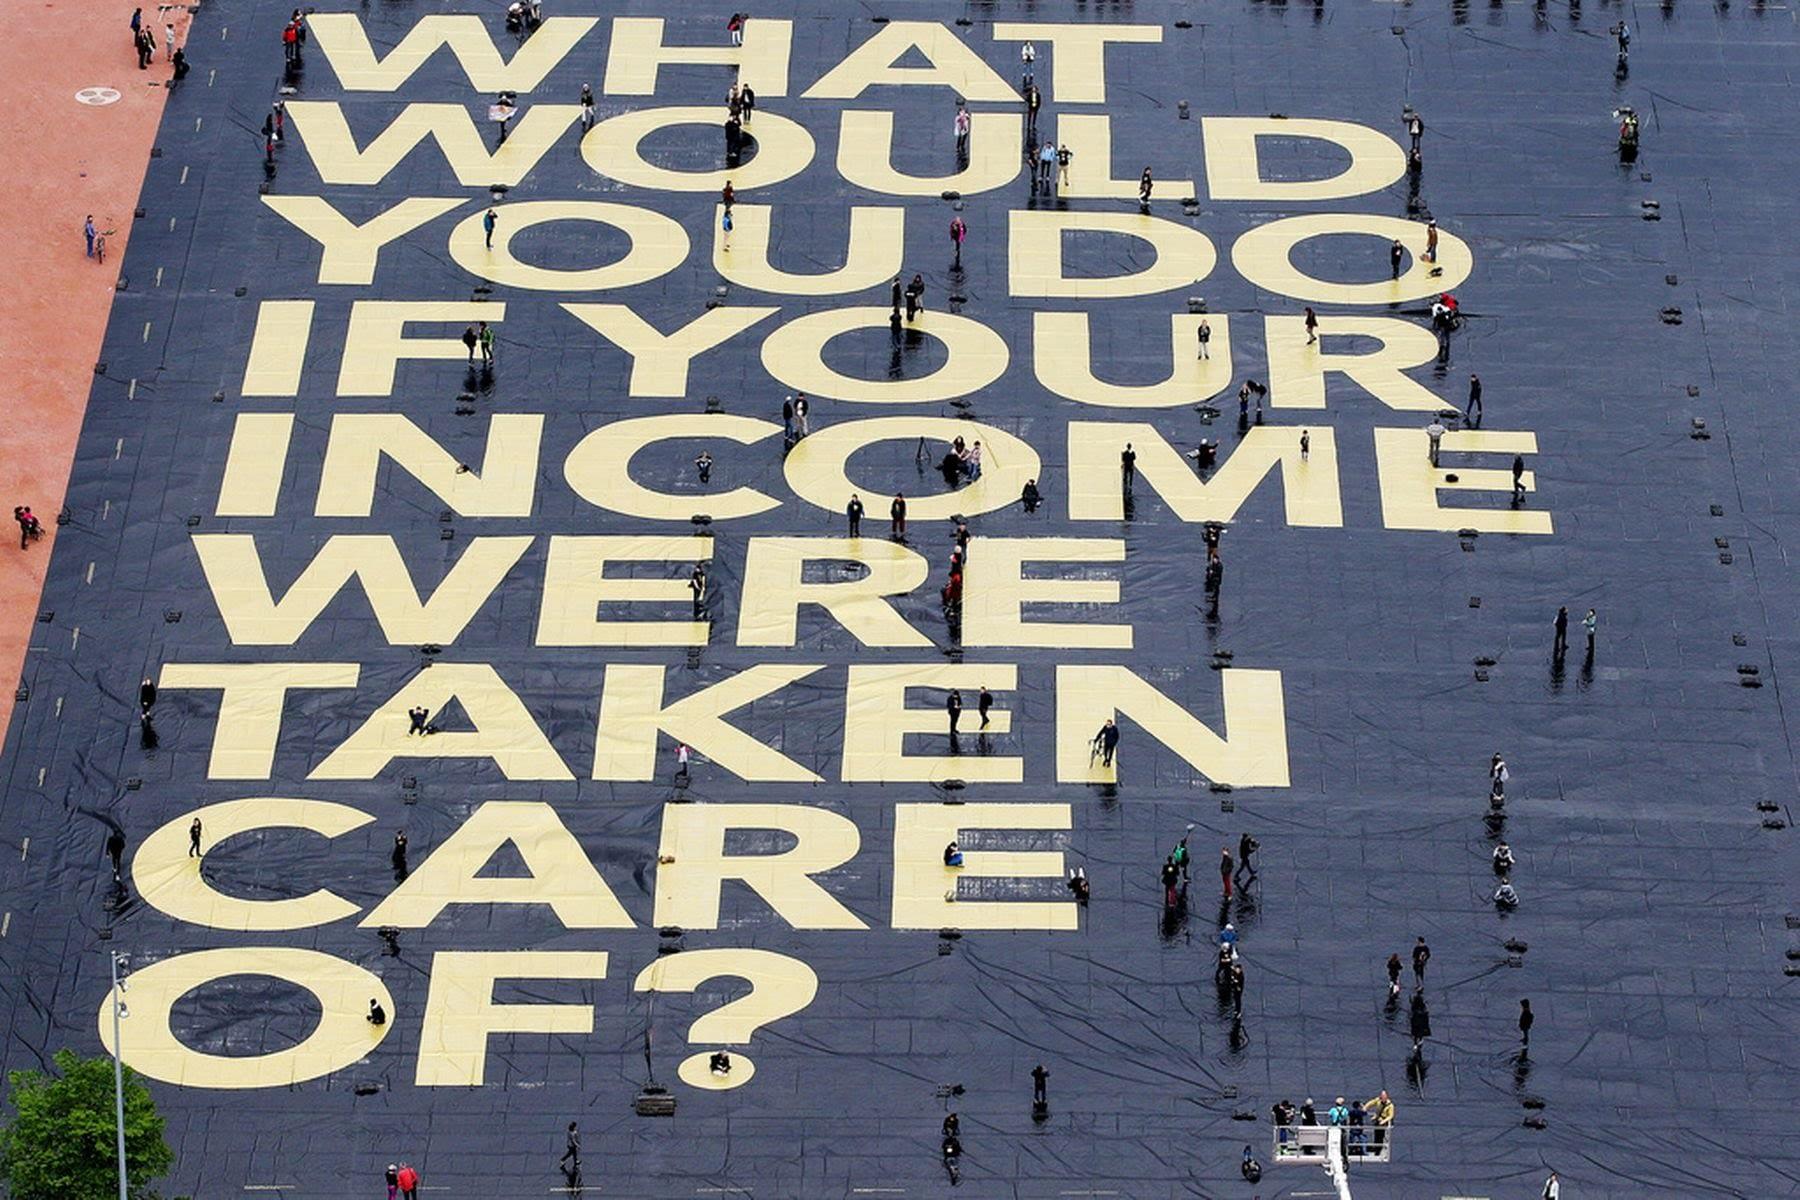 """""""Cosa faresti se non ti dovessi più preoccupare del tuo reddito?"""" - Megaposter da Guinnes dei primati installato a Ginevra nel maggio 2016 - Fonte http://www.bin-italia.org/"""